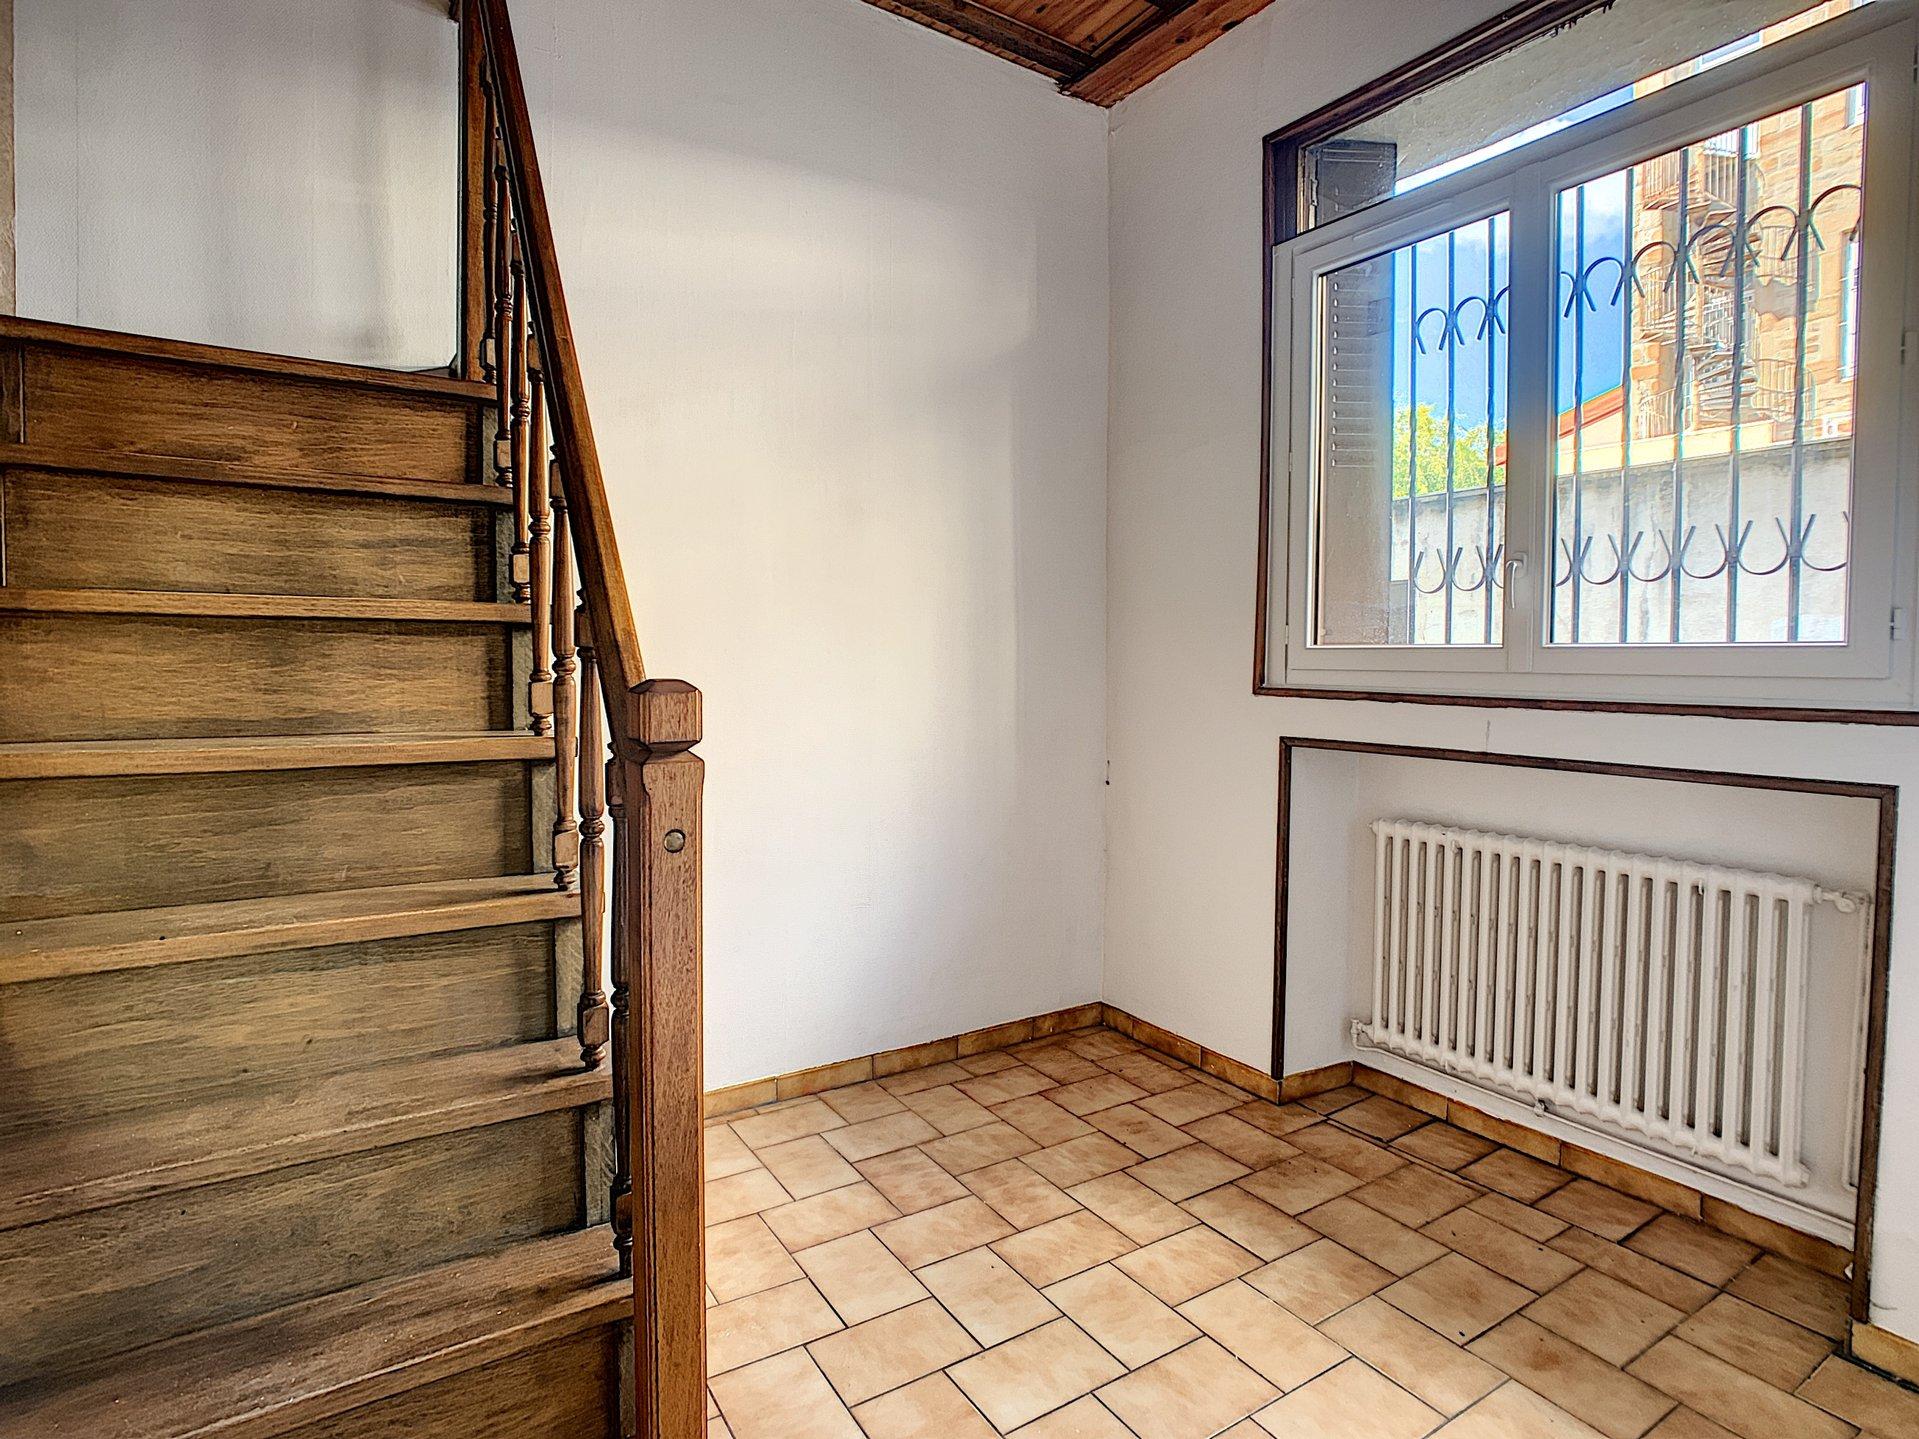 F1 Rue Descours 35 m2